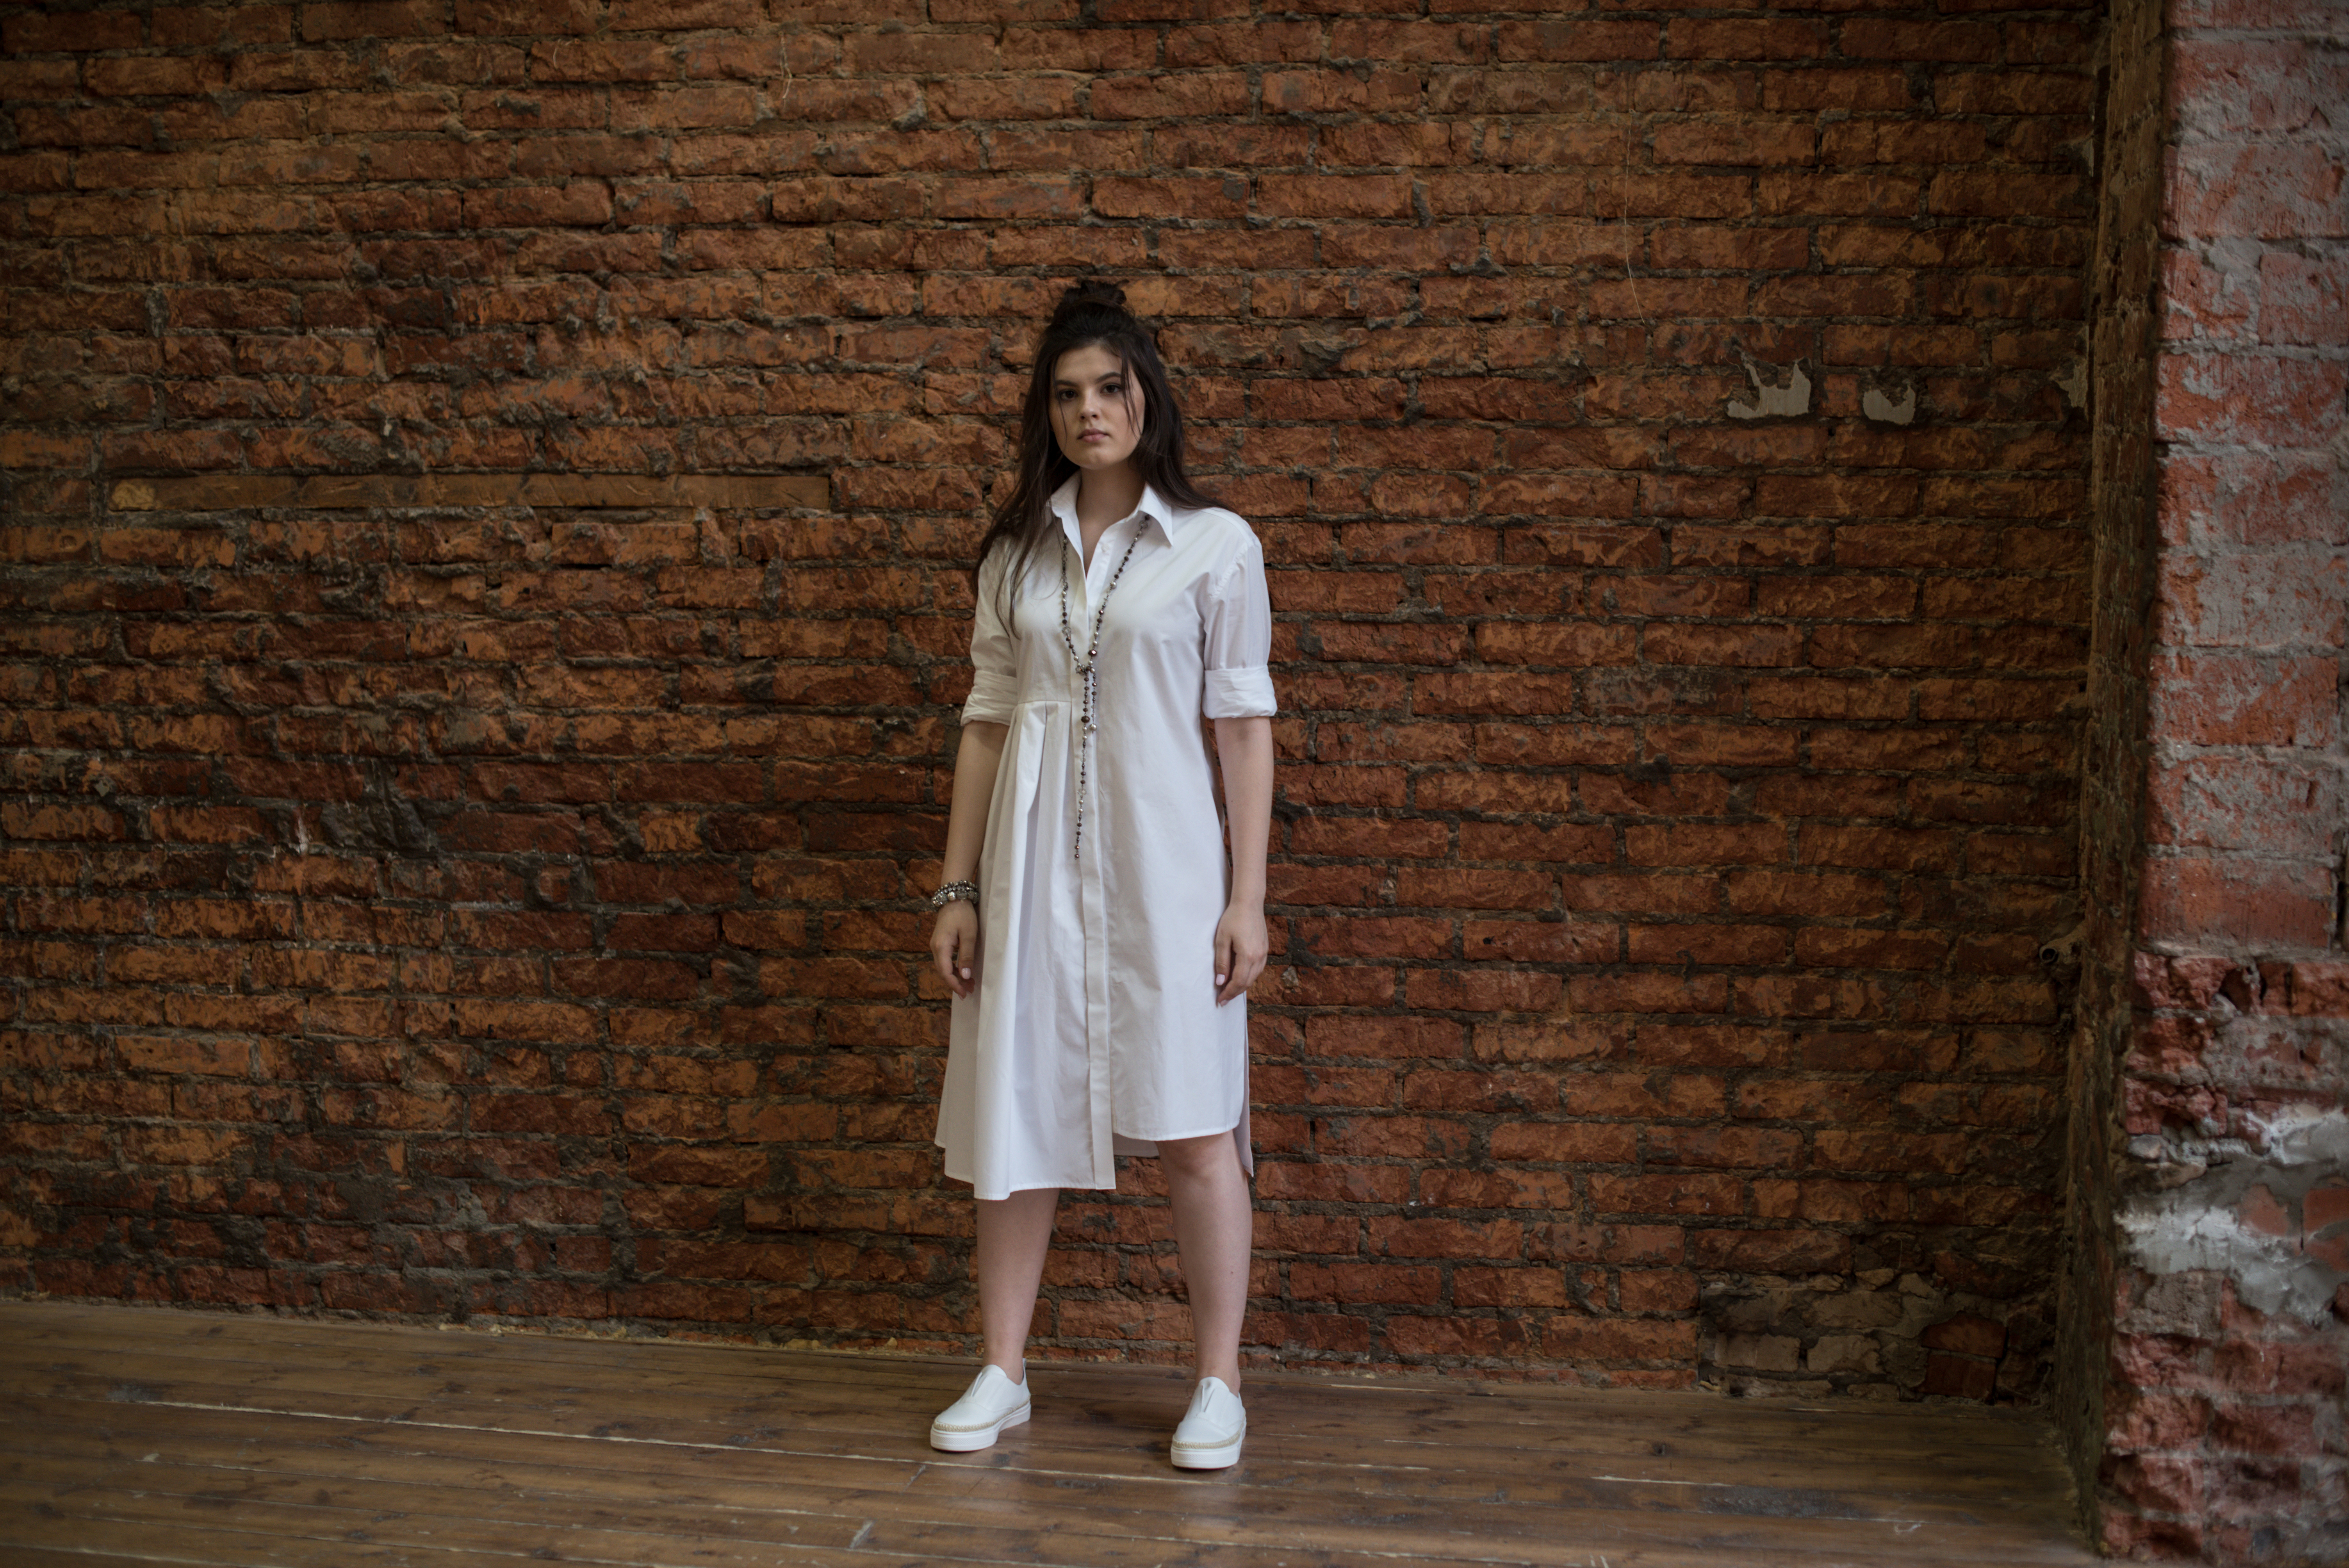 Ателье Къявэ модной одежды